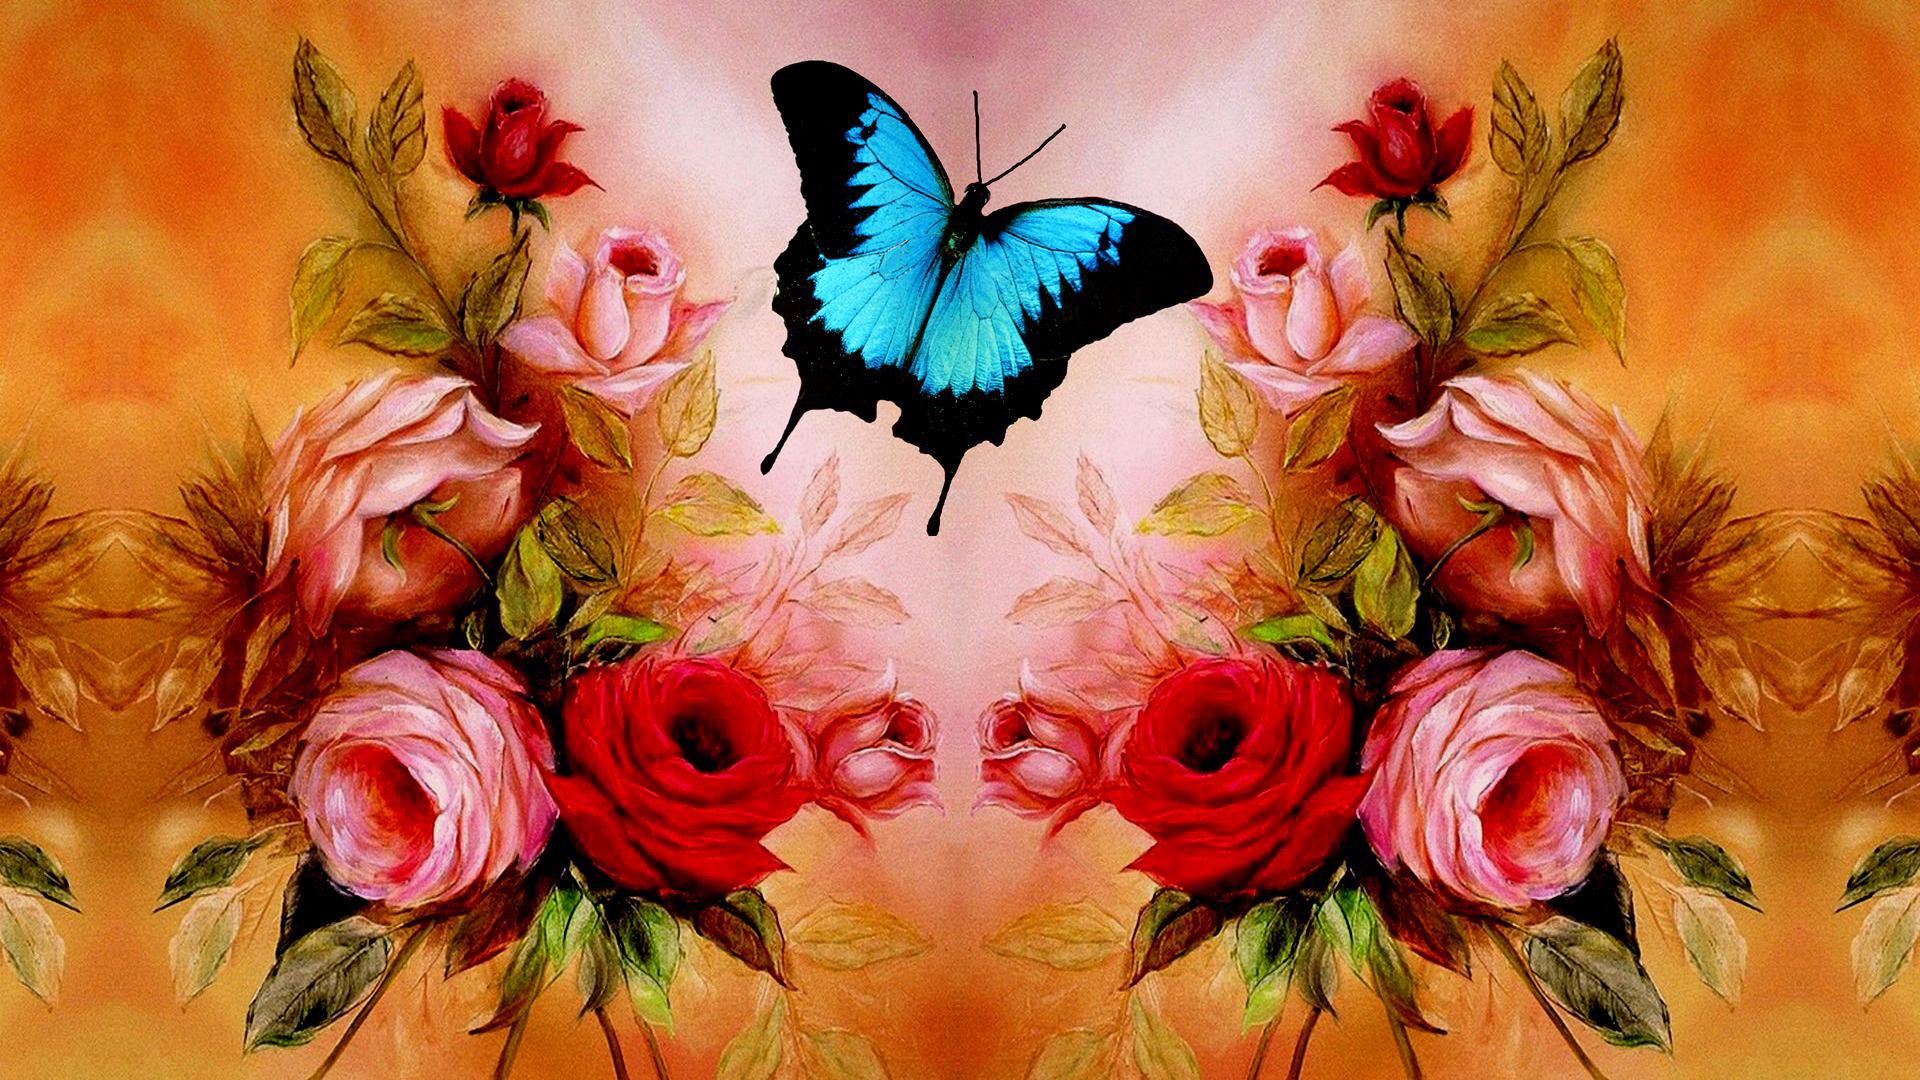 butterfly wallpaper red rose   HD Desktop Wallpapers 4k HD 1920x1080